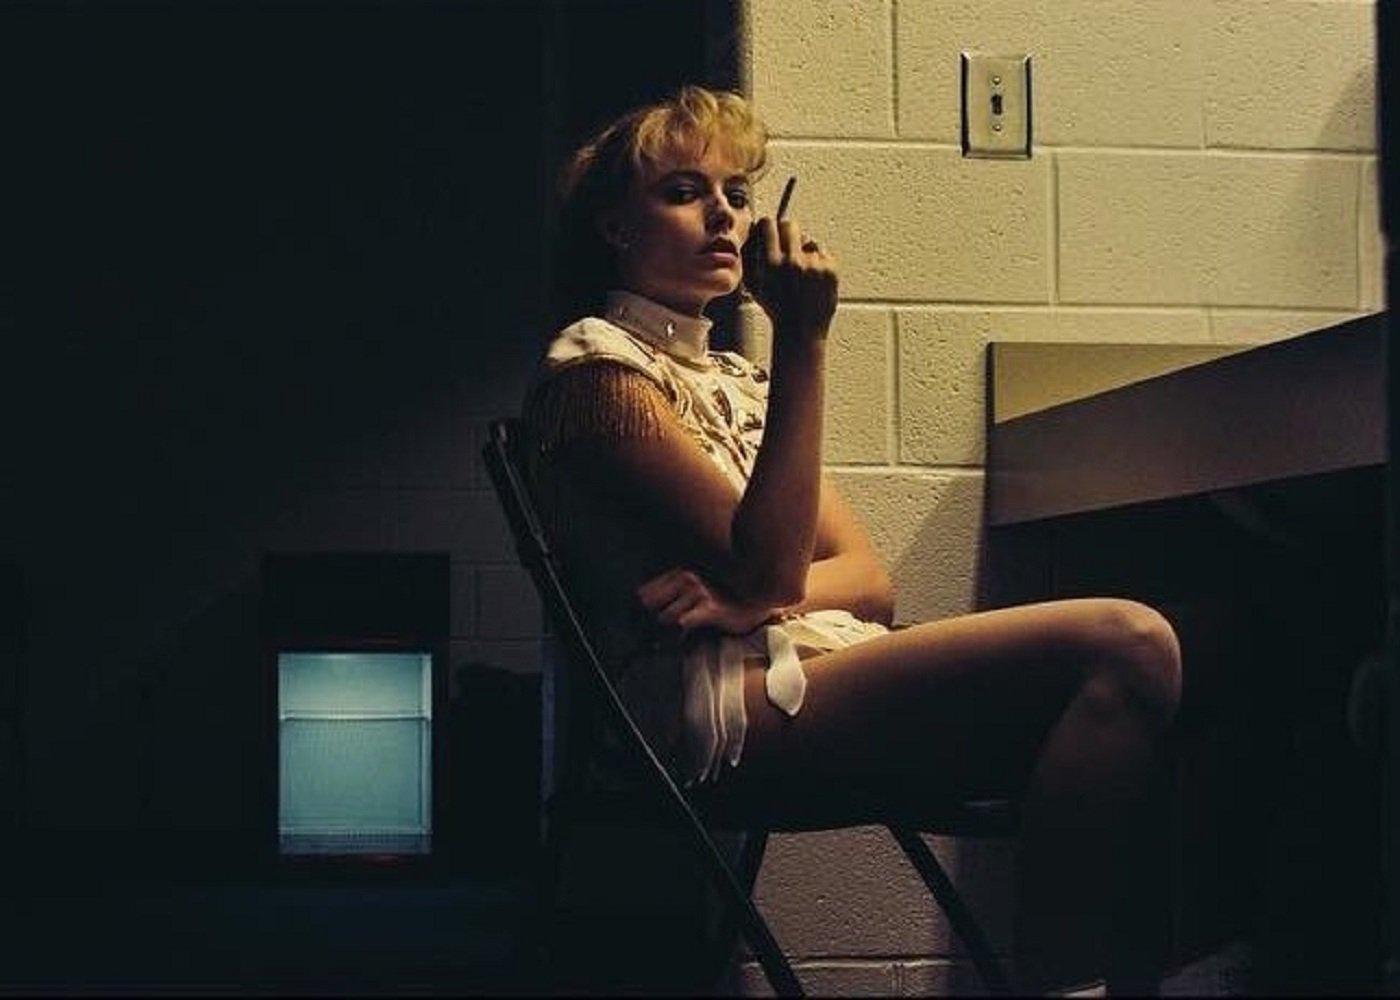 Margot Robbie as Tonya Harding in New I, Tonya Photos